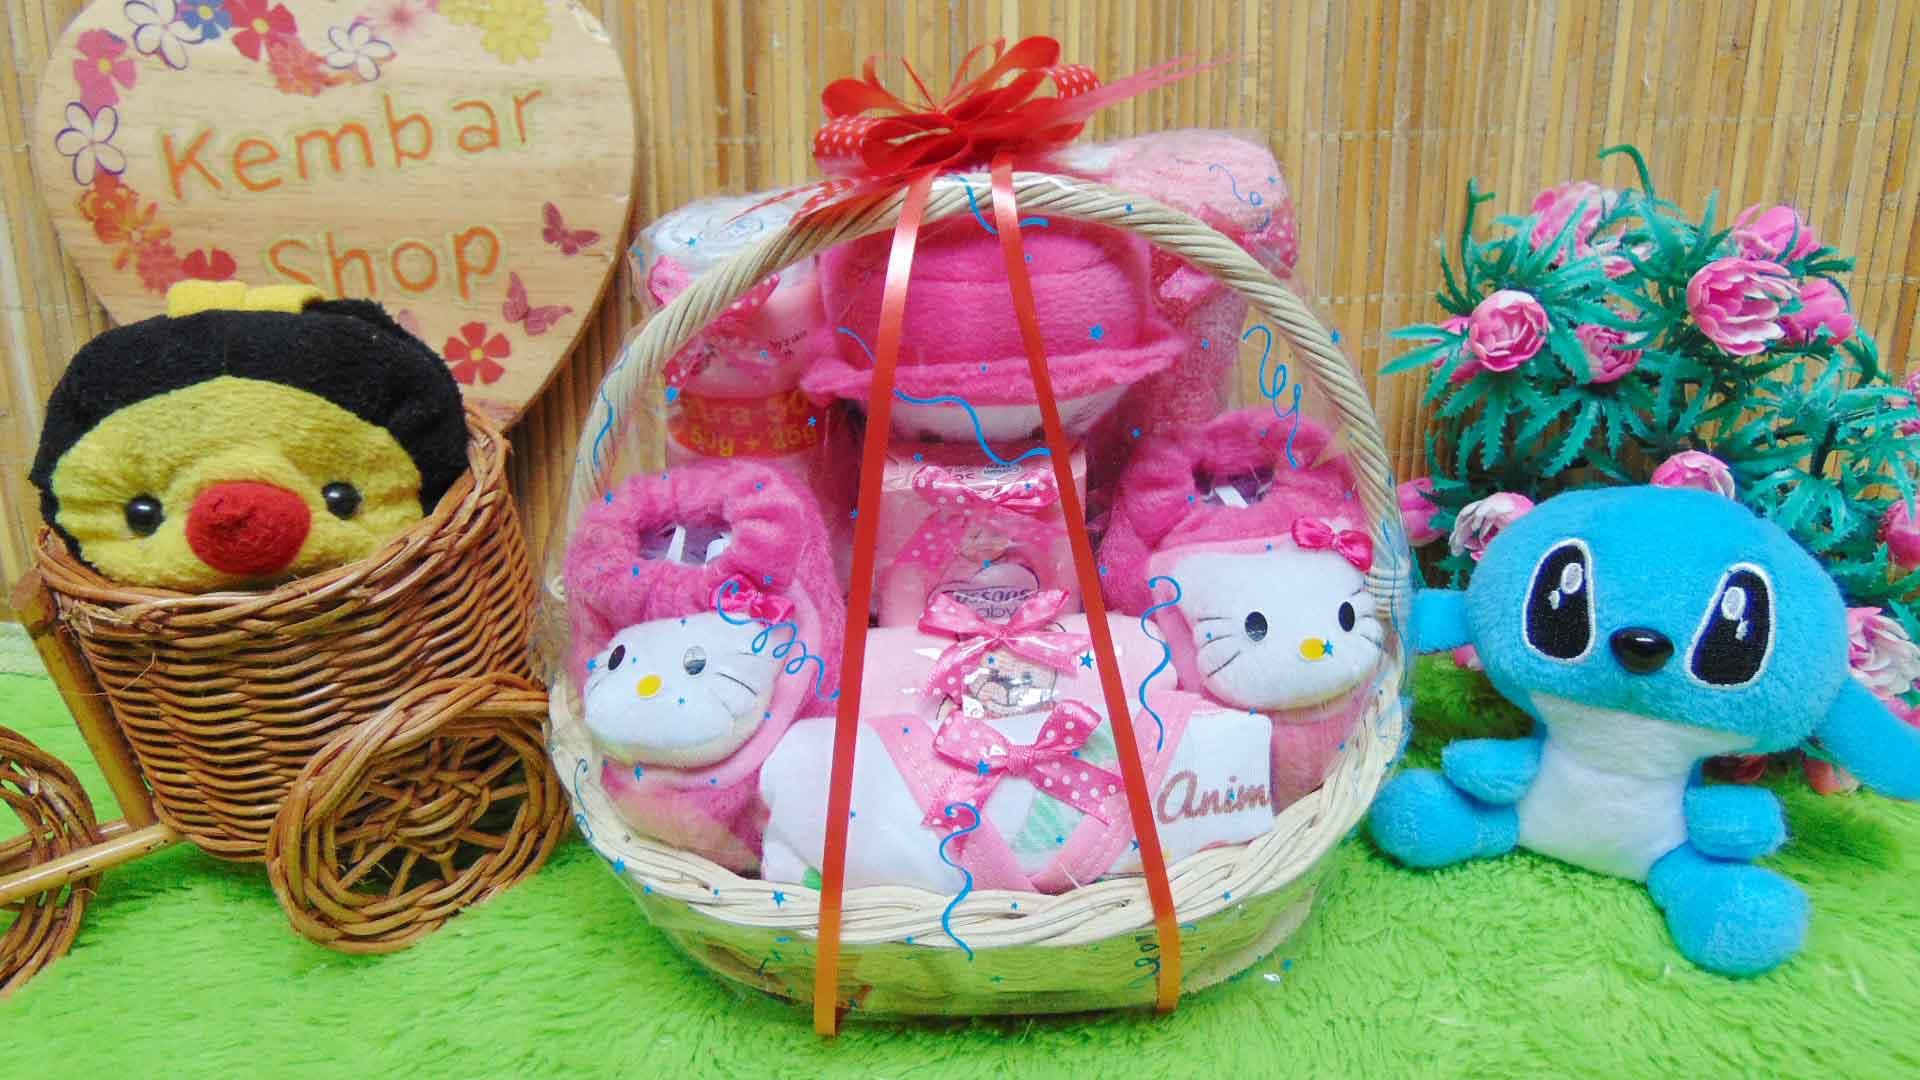 paket kado bayi baby gift kado melahirkan-parcel kado bayi parsel bayi keranjang spesial karakter Disney Komplit